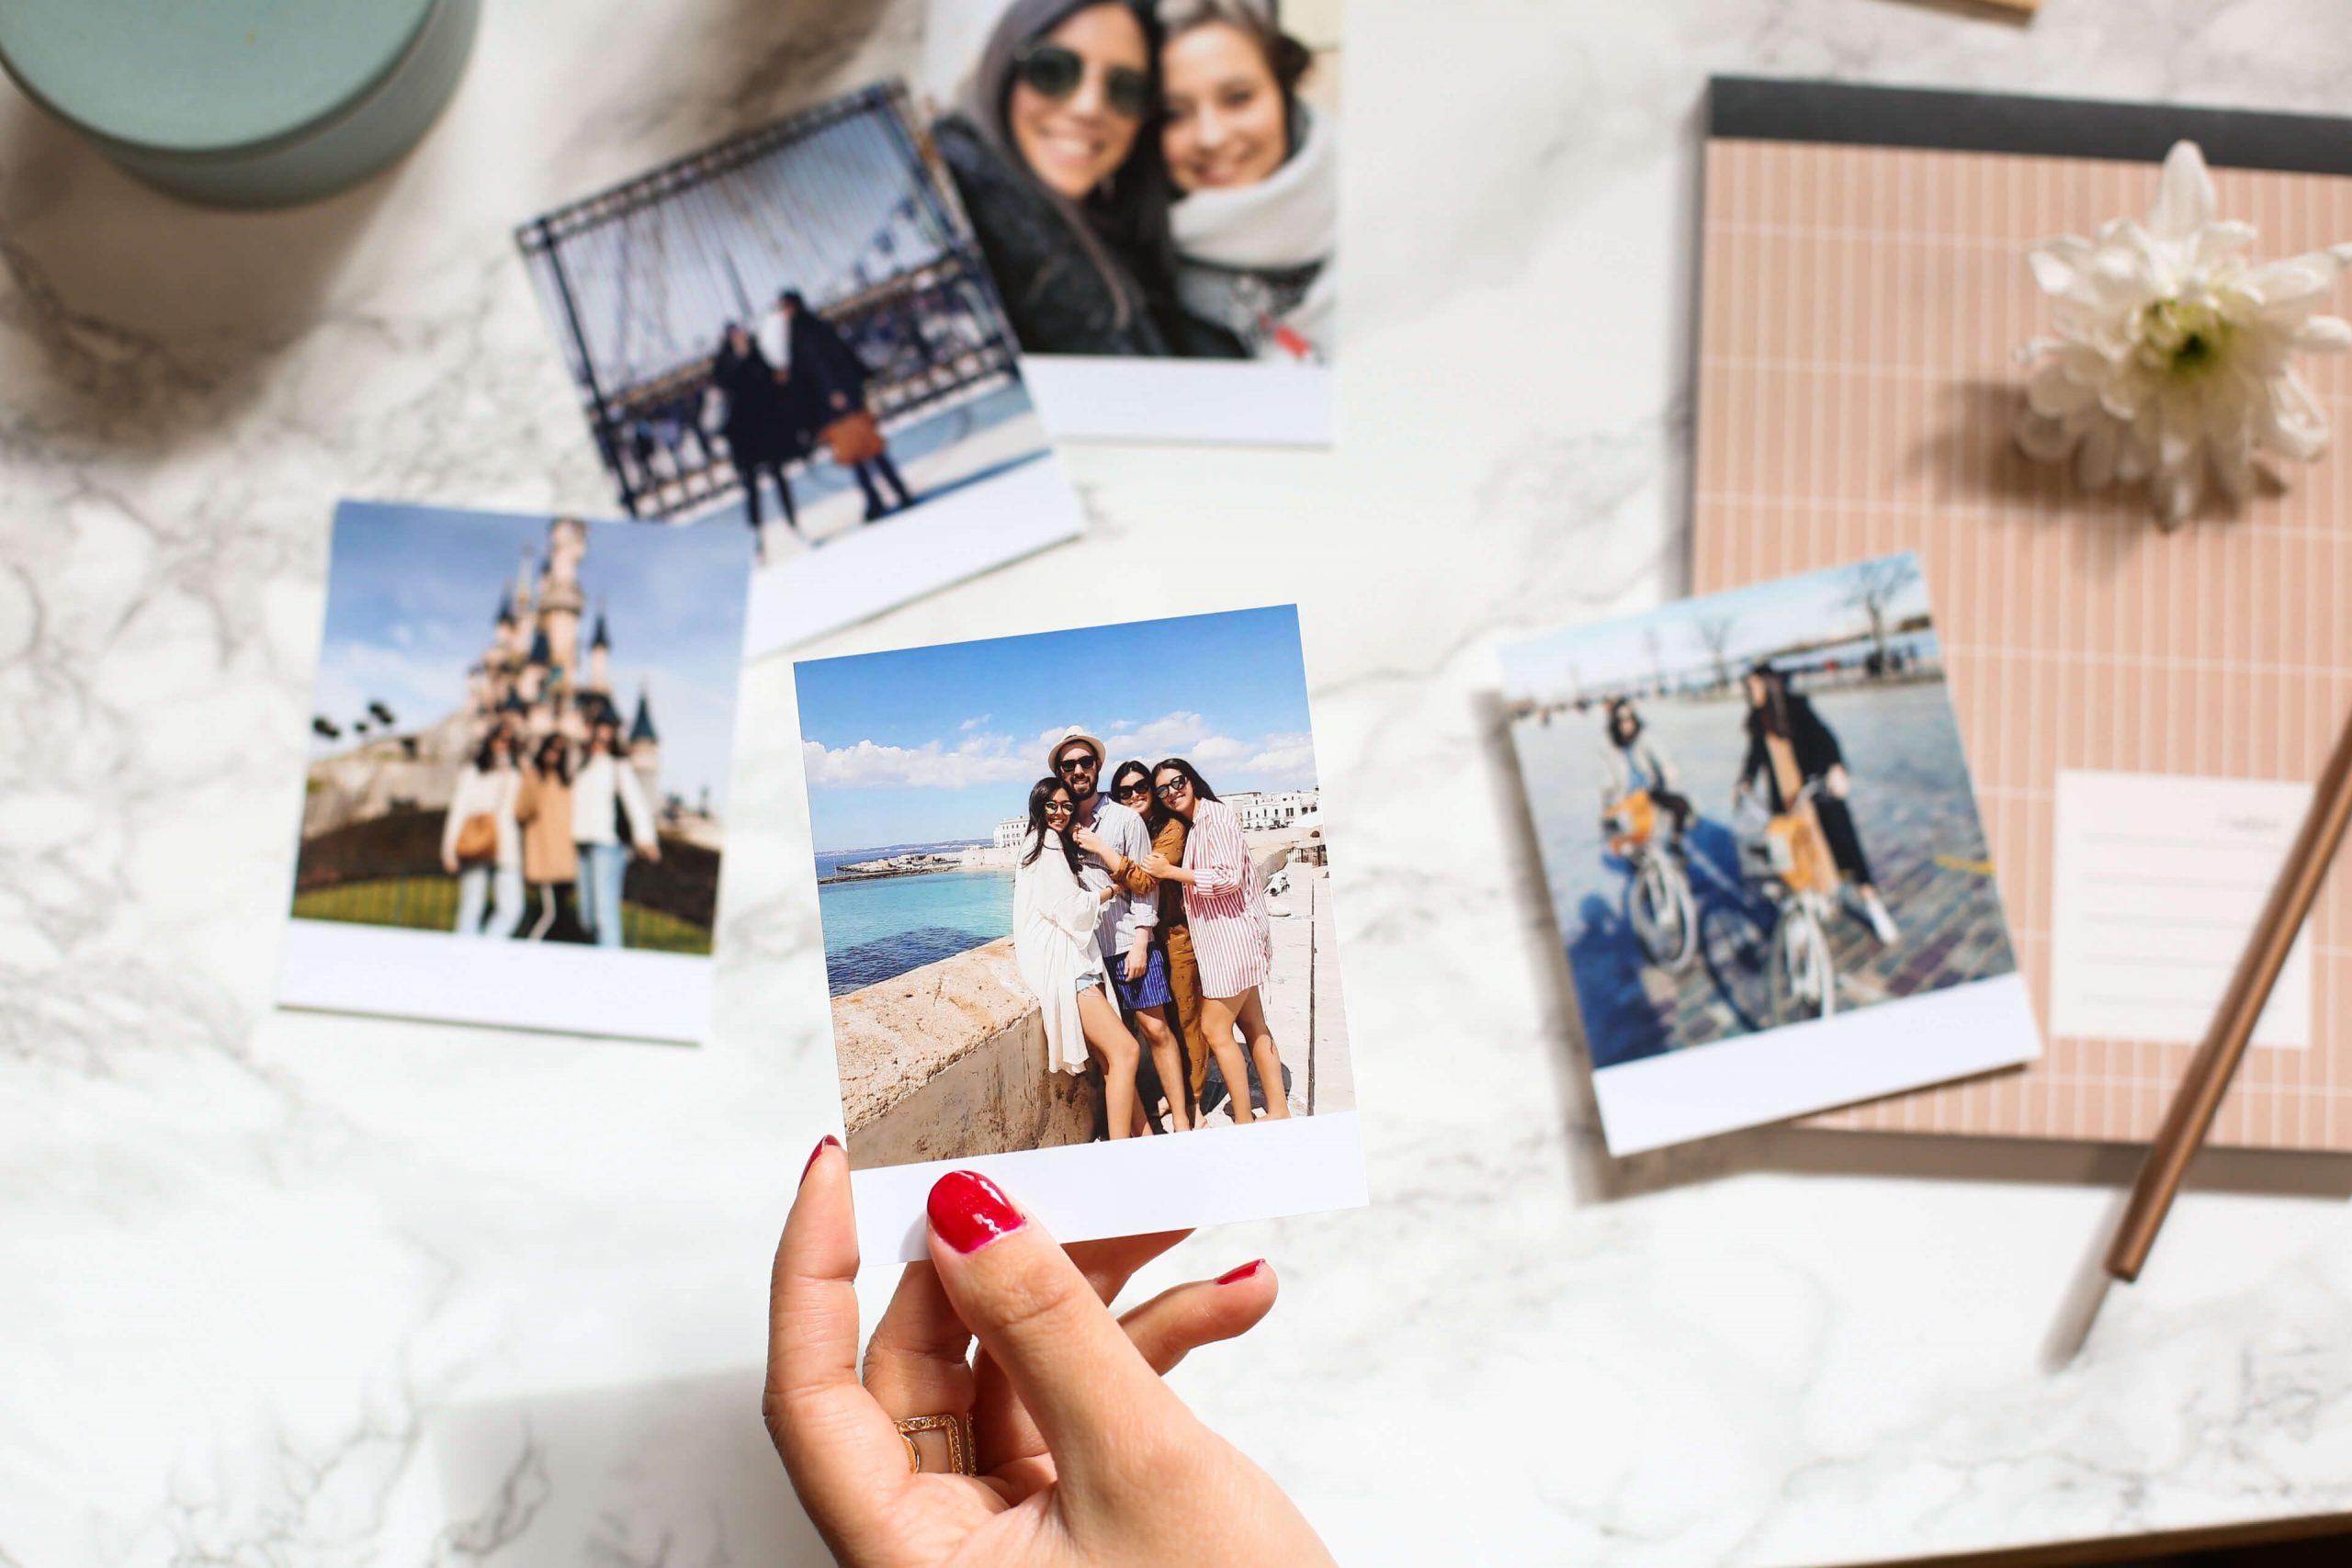 Secondo CHEERZ in Italia aumentano gli acquisti per la fotografia digitale thumbnail